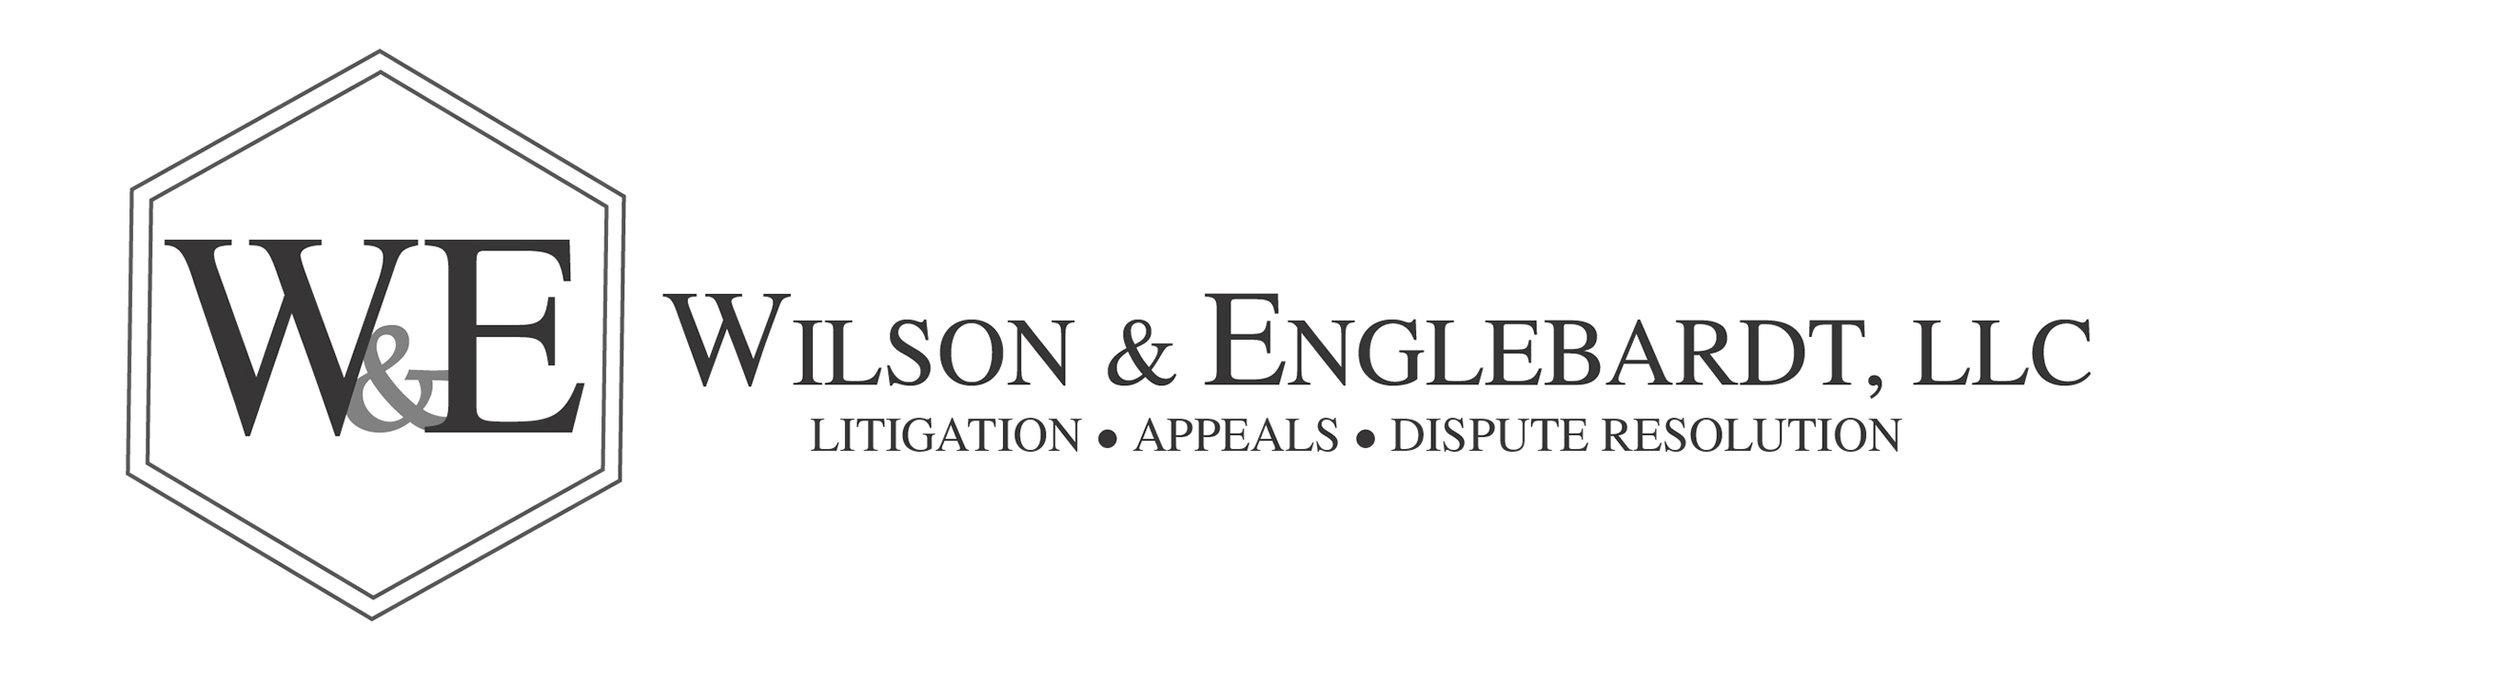 Wilson and Englebardtv3-01.jpg